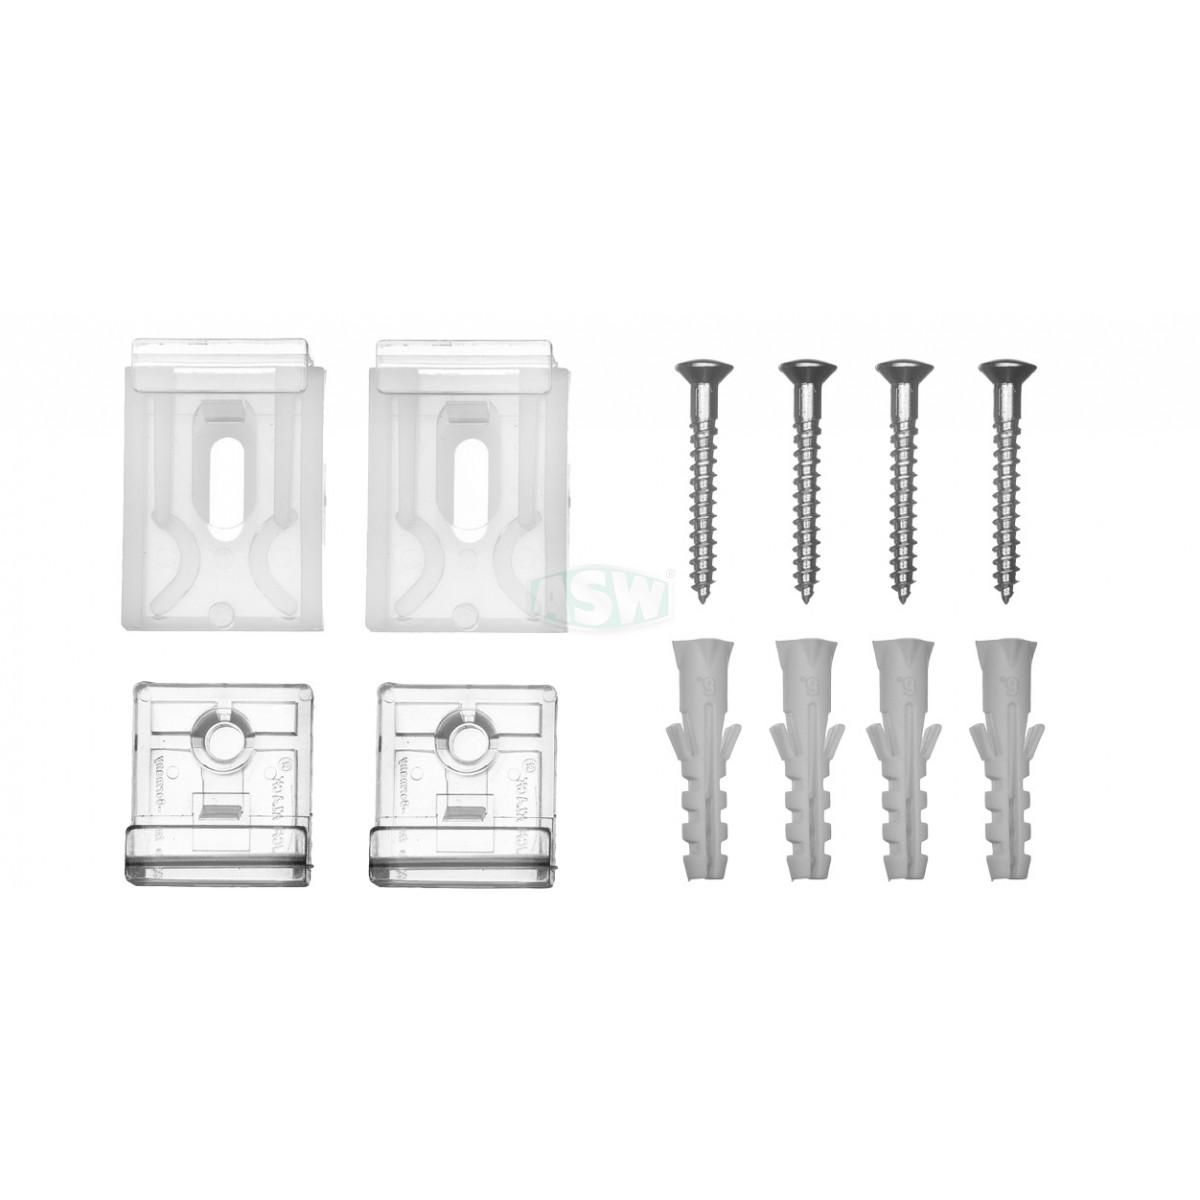 Pattes De Fixation Pour Miroir Kits De Fixation Sanitaires Technique De Fixation Produits